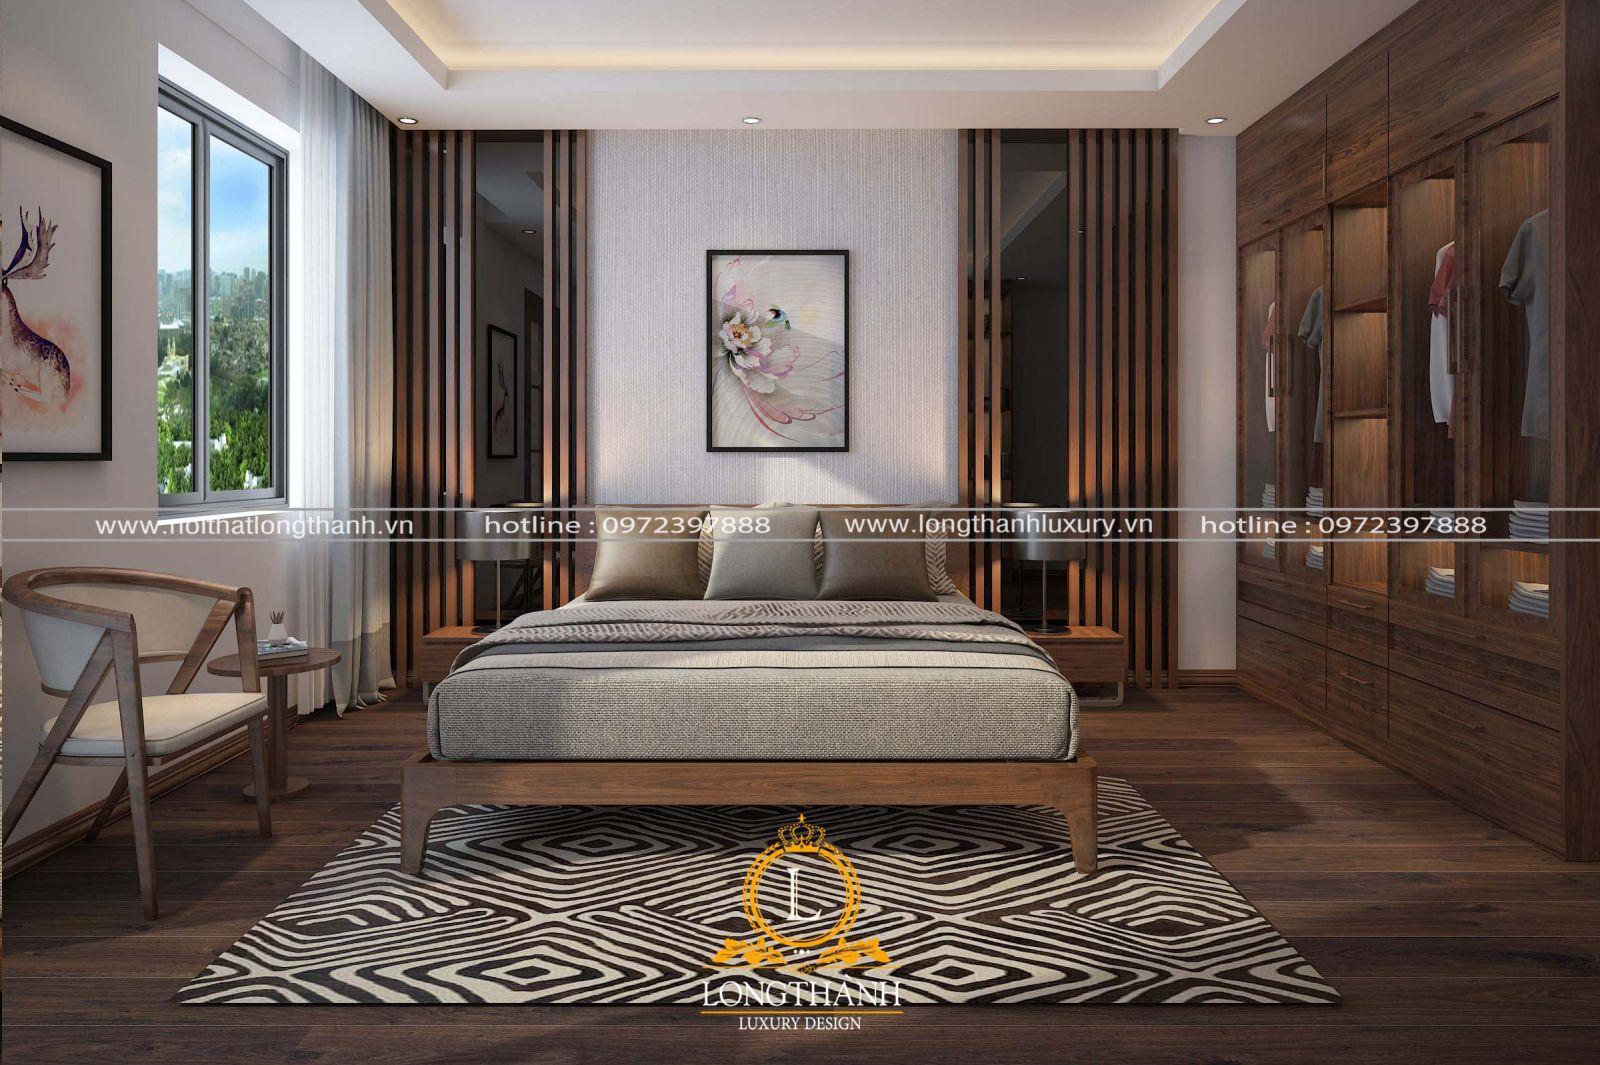 Không gian phòng ngủ cao cấp sử dụng chất liệu Verneer gỗ Sồi